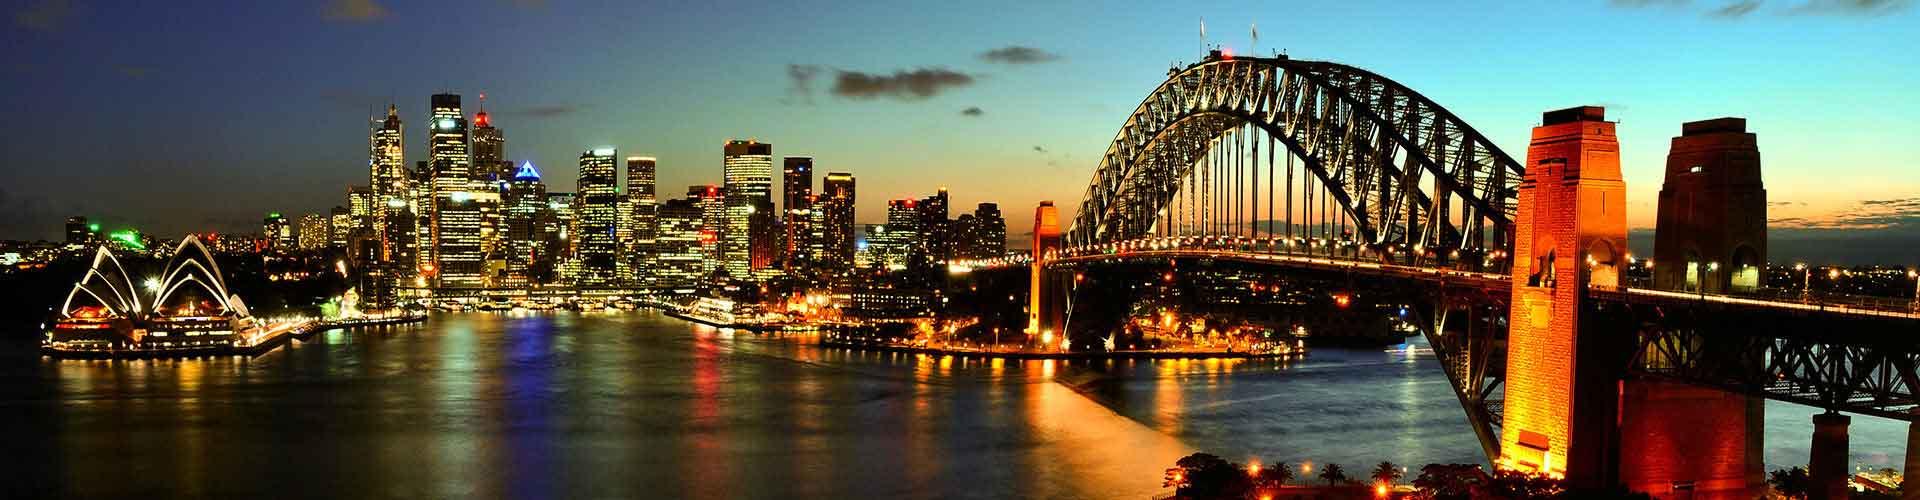 Sydney - Habitaciones en Sydney. Mapas de Sydney, Fotos y Comentarios para cada habitación en Sydney.